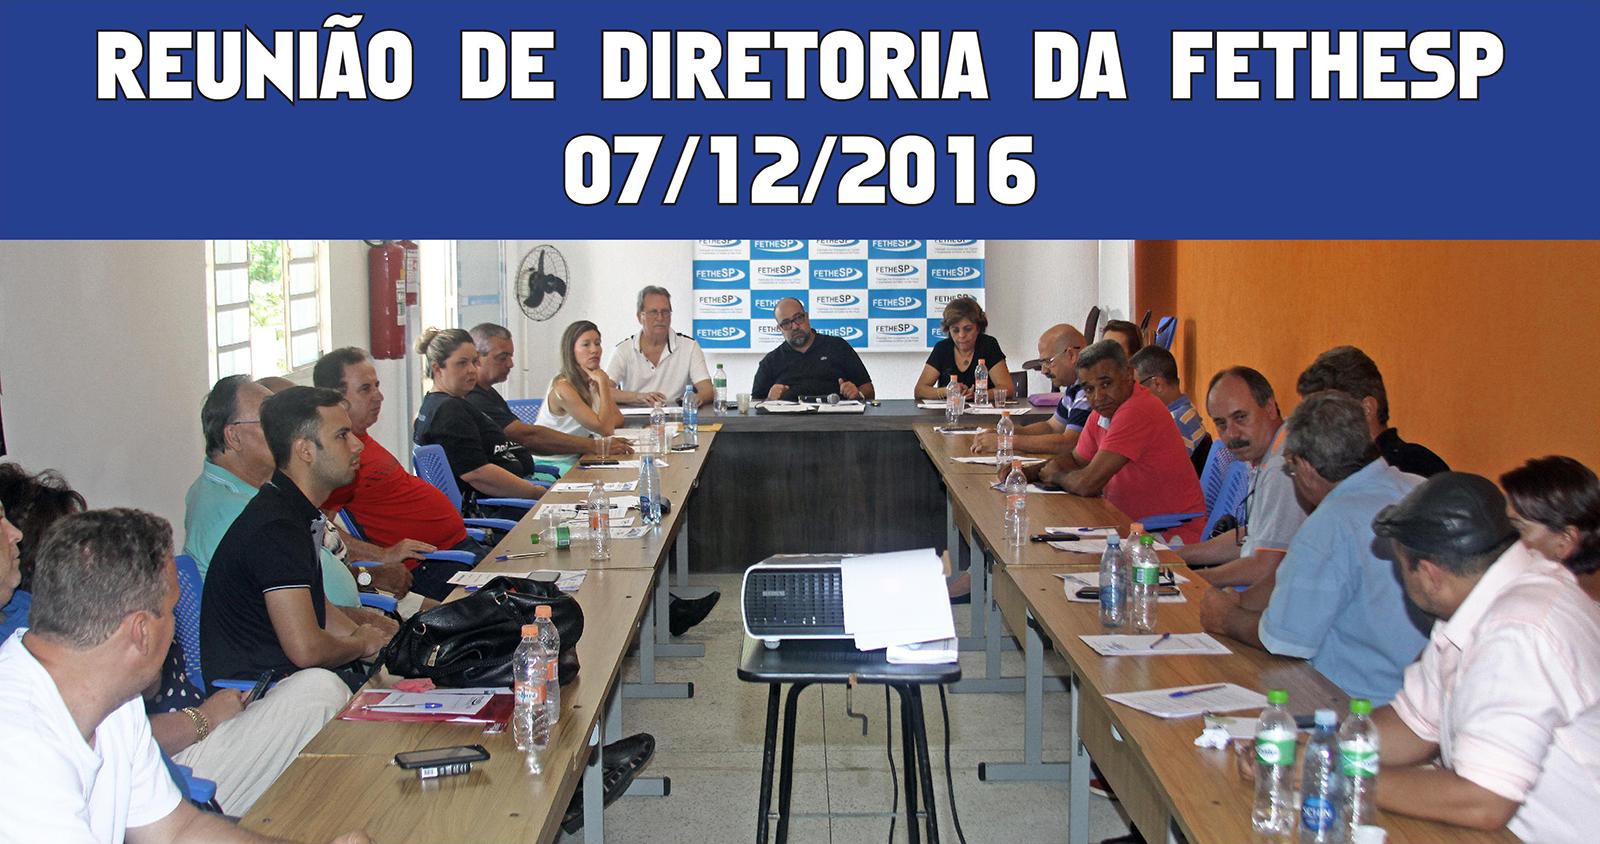 Reunião de Diretoria da FETHESP - 07/12/2016